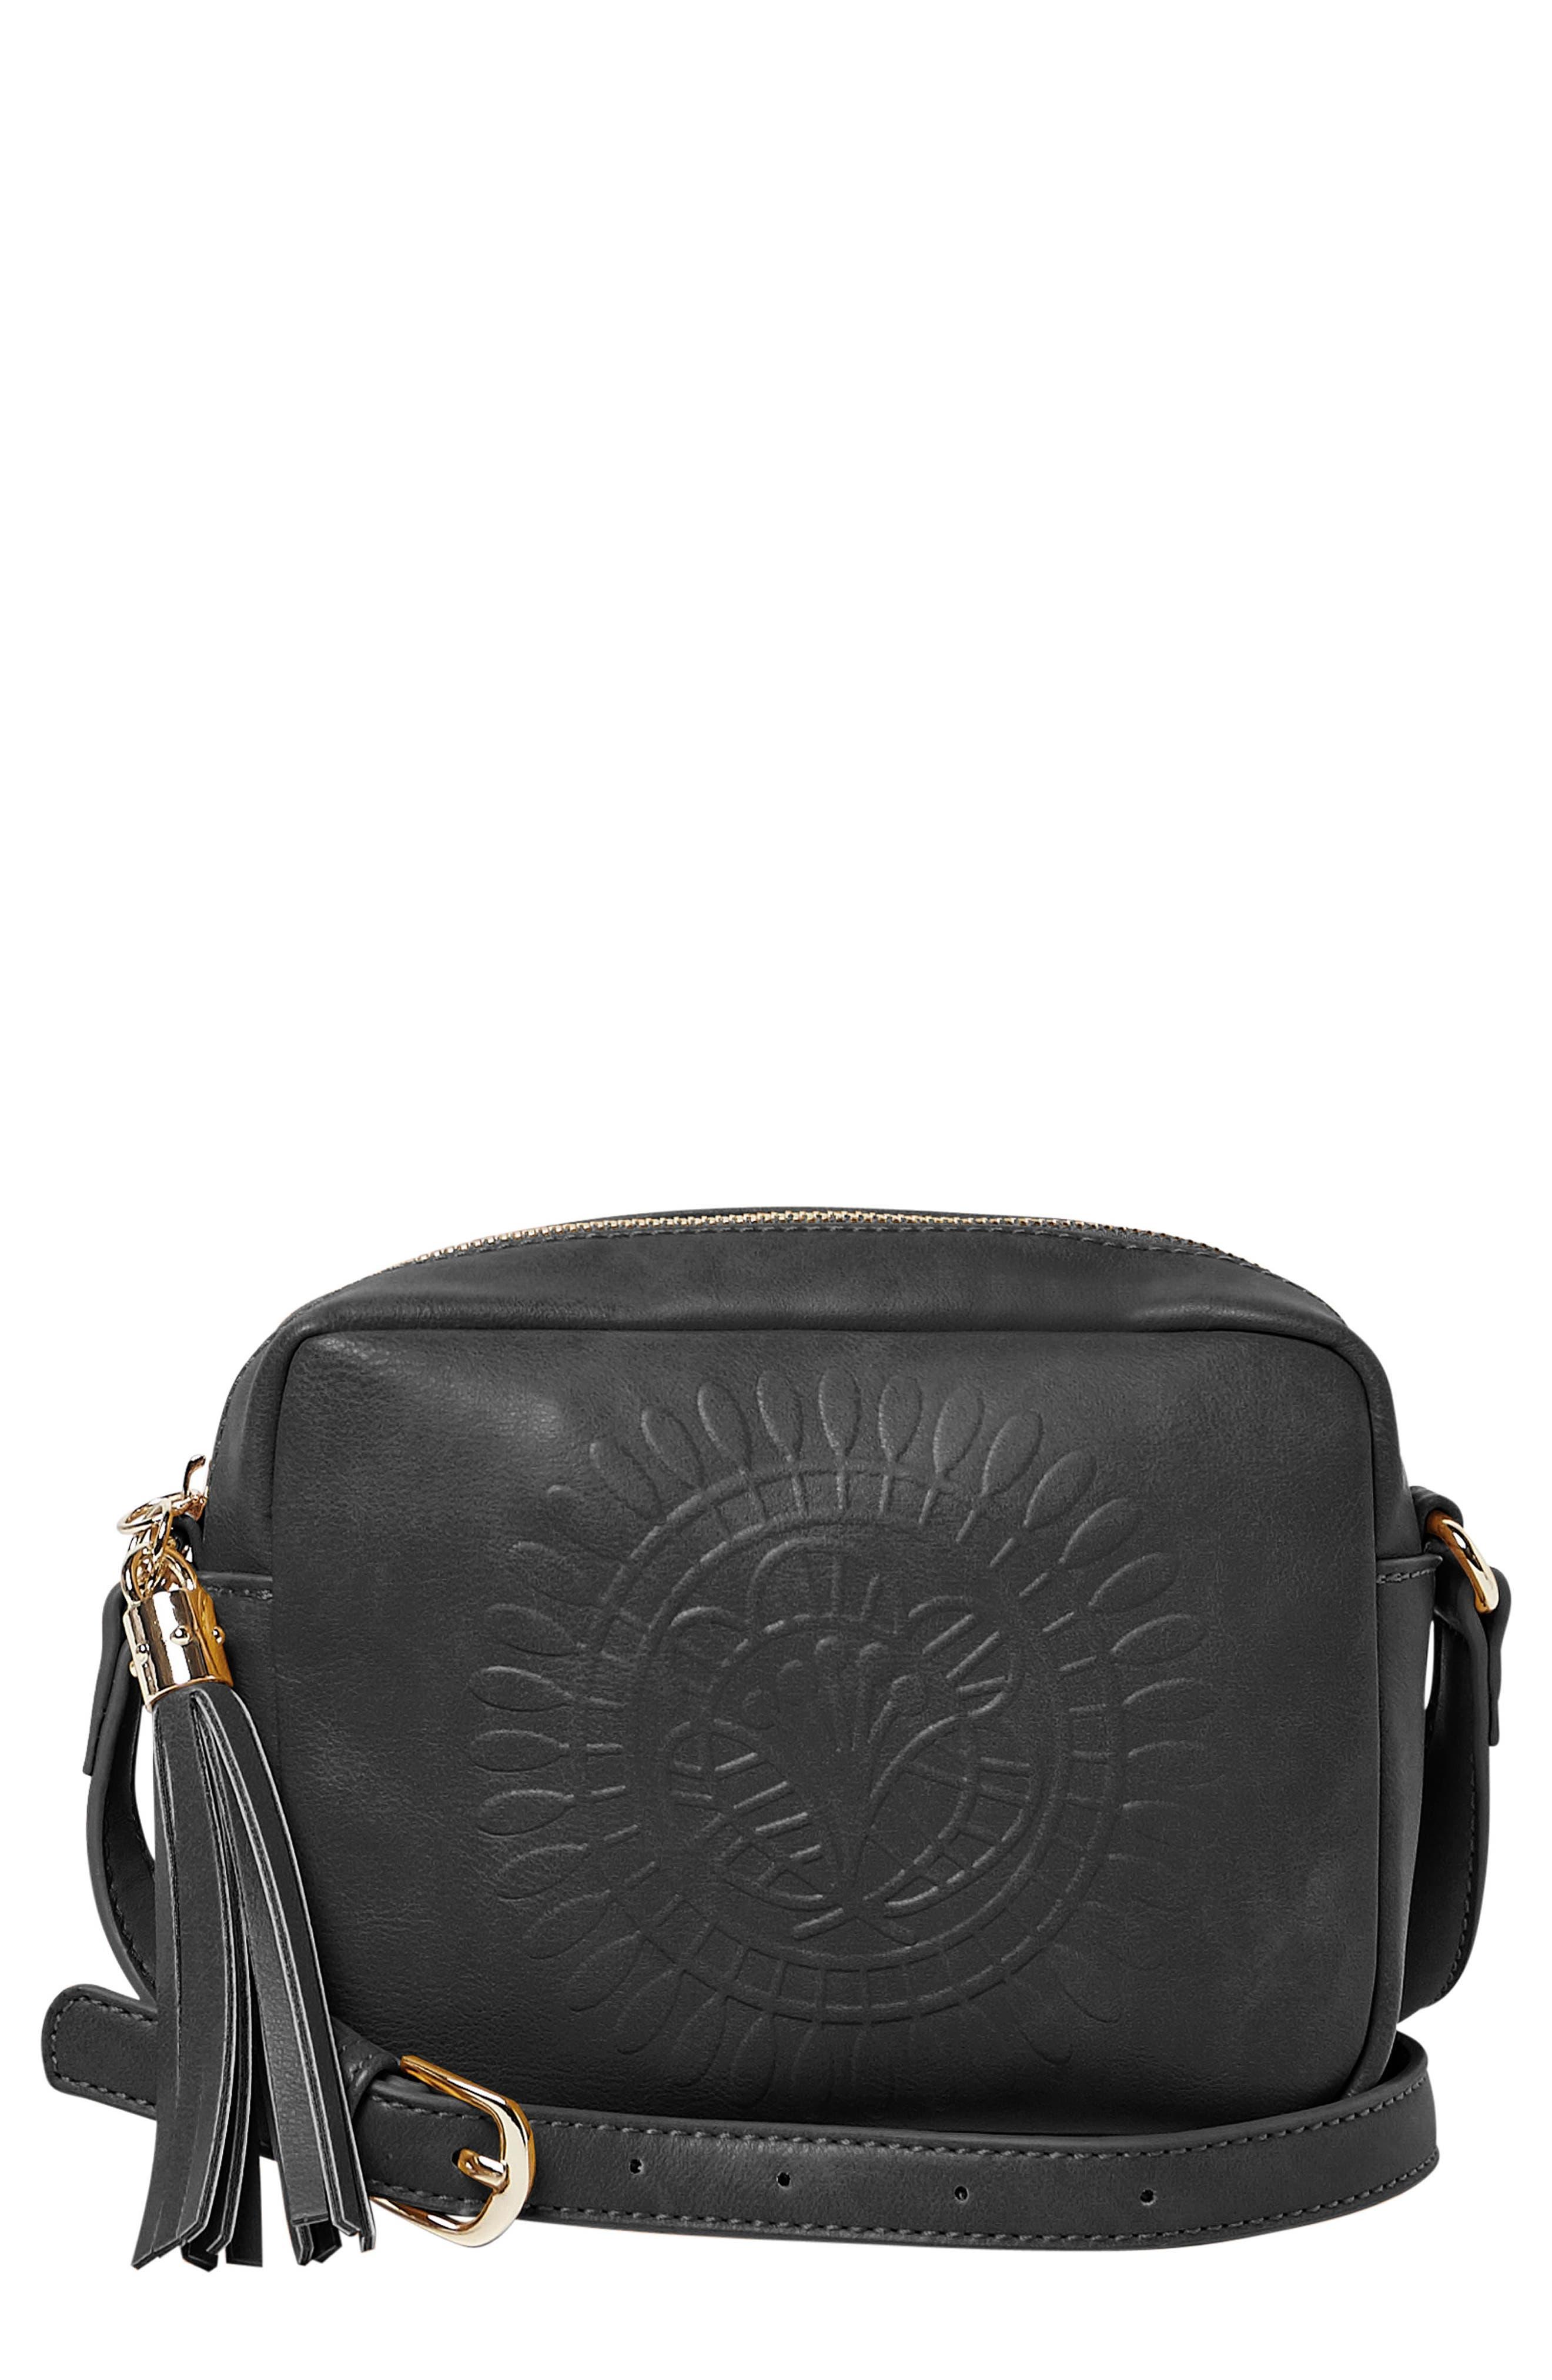 Wild Rose Embossed Vegan Leather Shoulder Bag,                         Main,                         color, Black